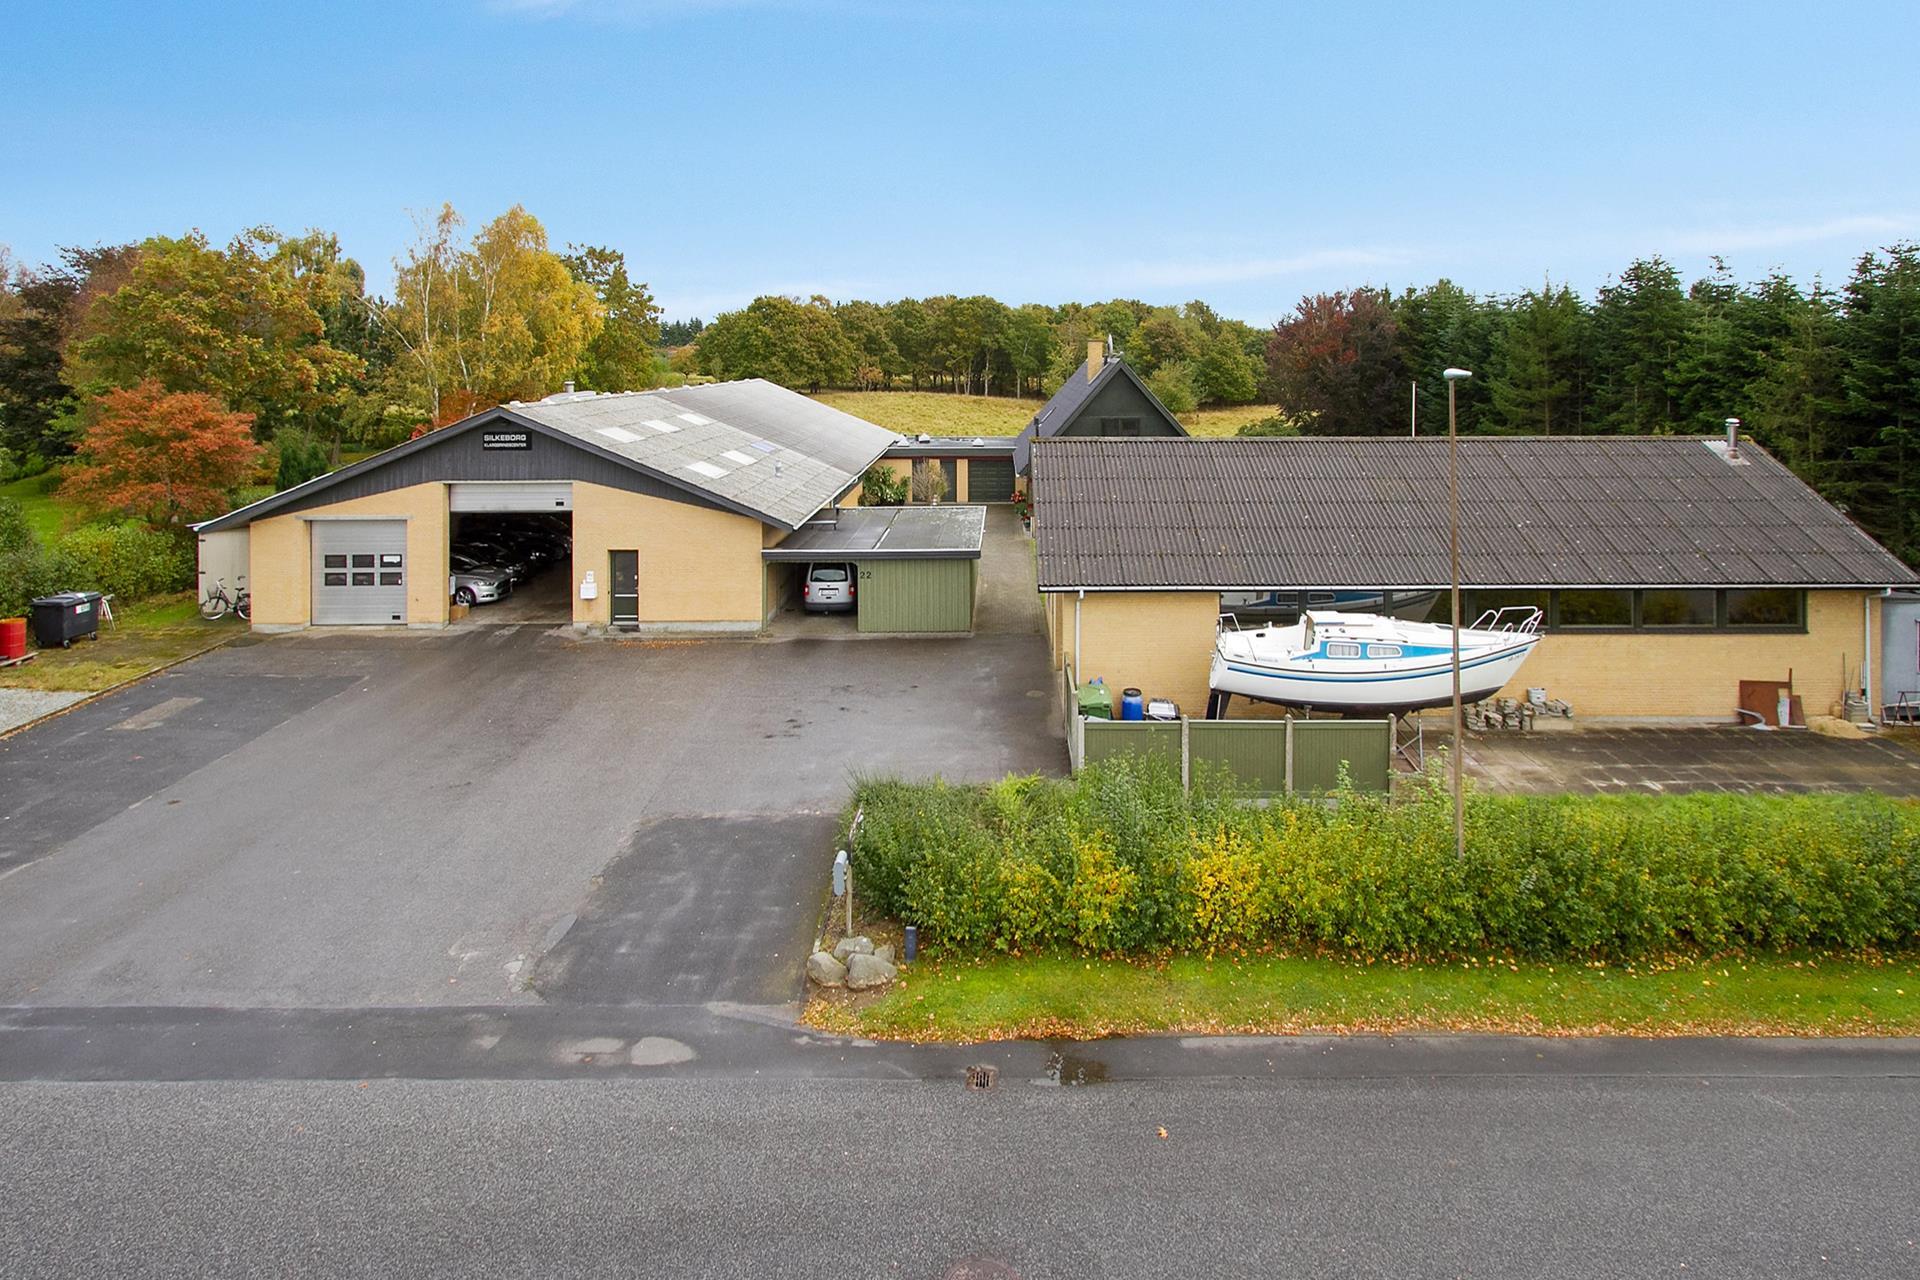 Bolig/erhverv på Thrigesvej i Silkeborg - Ejendommen